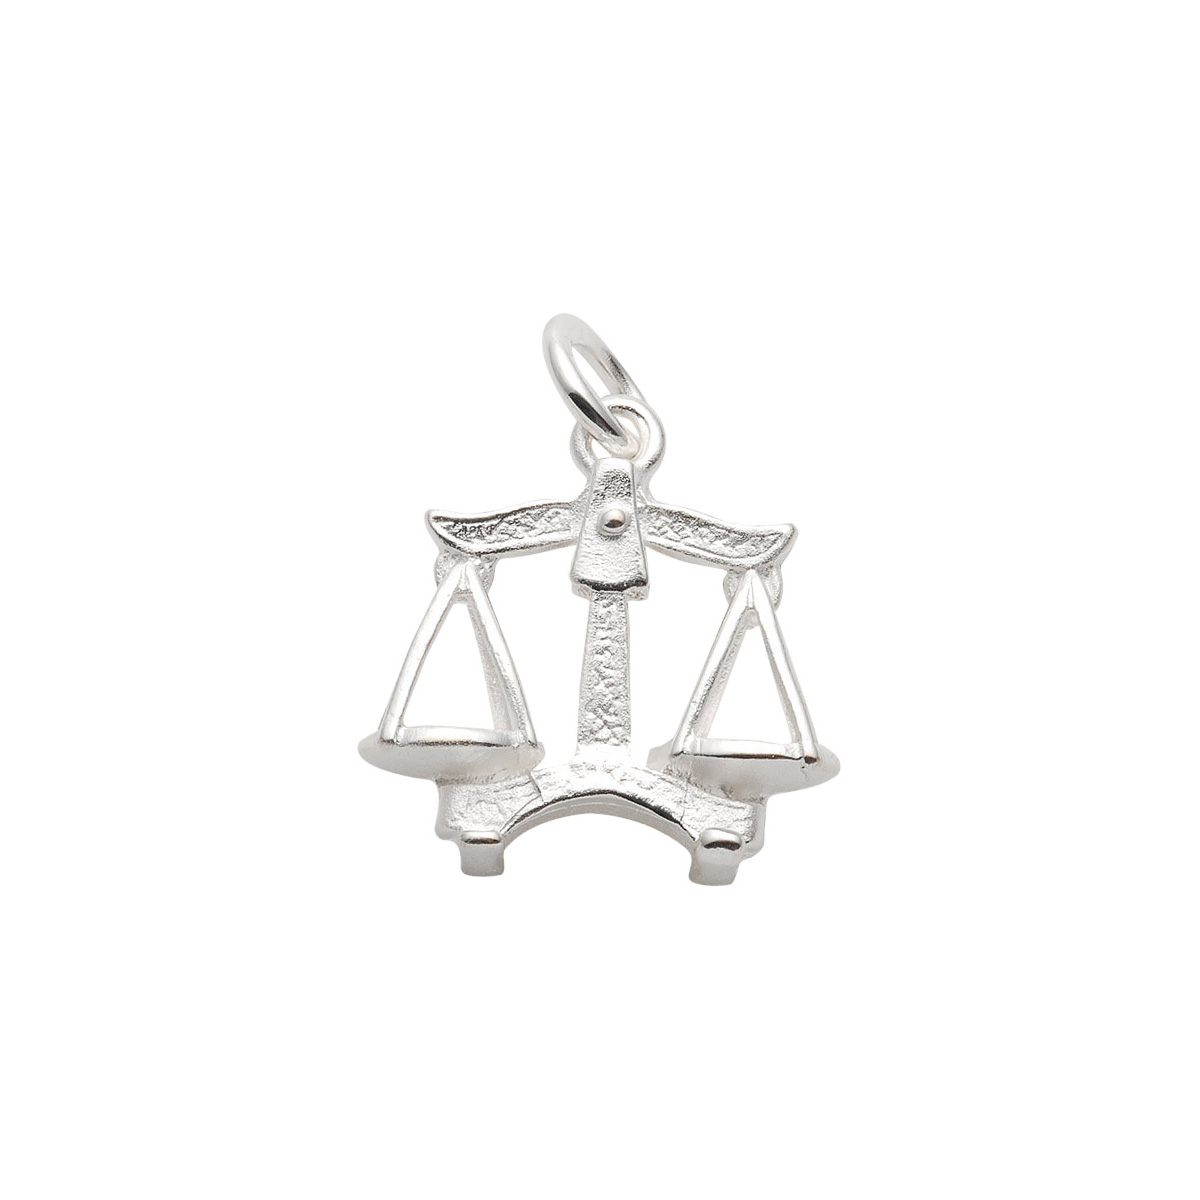 97-Sølv Vægt vedhæng med stjernetegnet vægten. Sterling Sølv vedhæng til salg